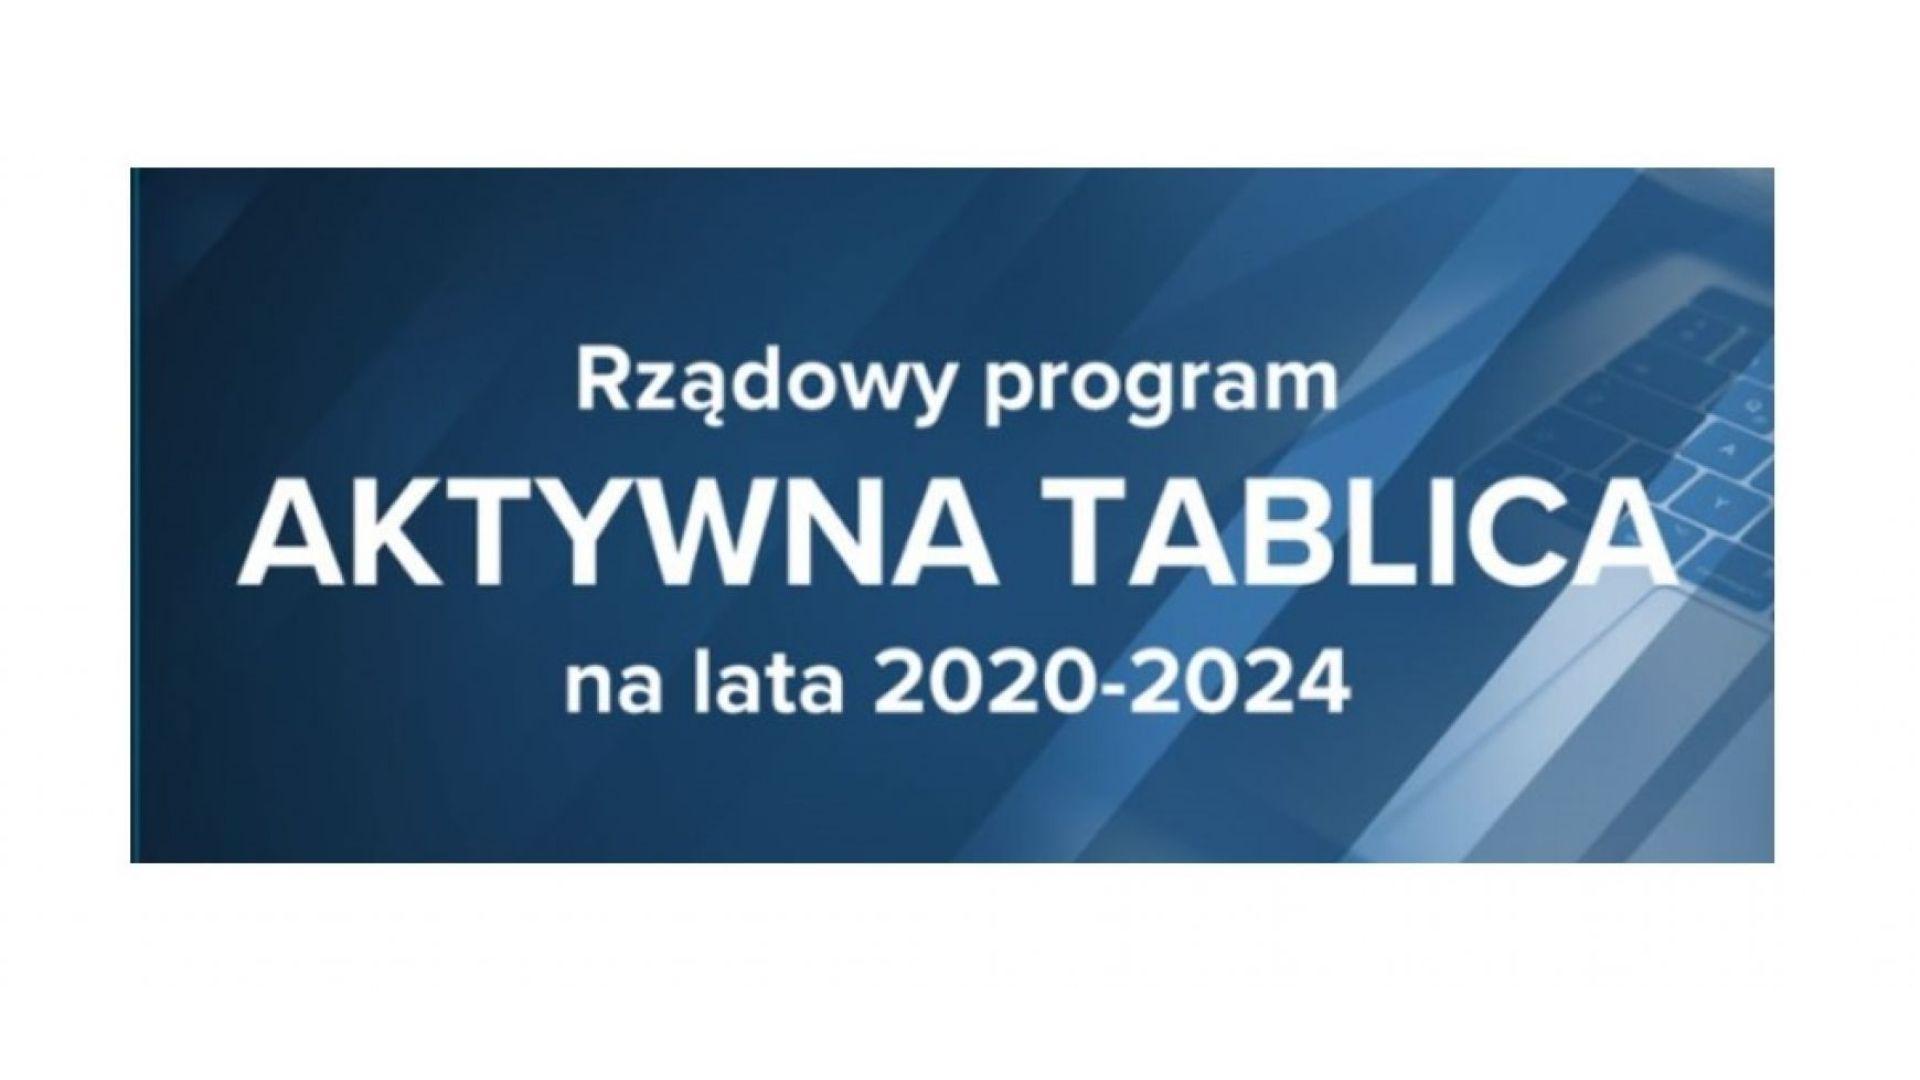 Dofinansowanie z programu Aktywna Tablica dla radlińskich szkół